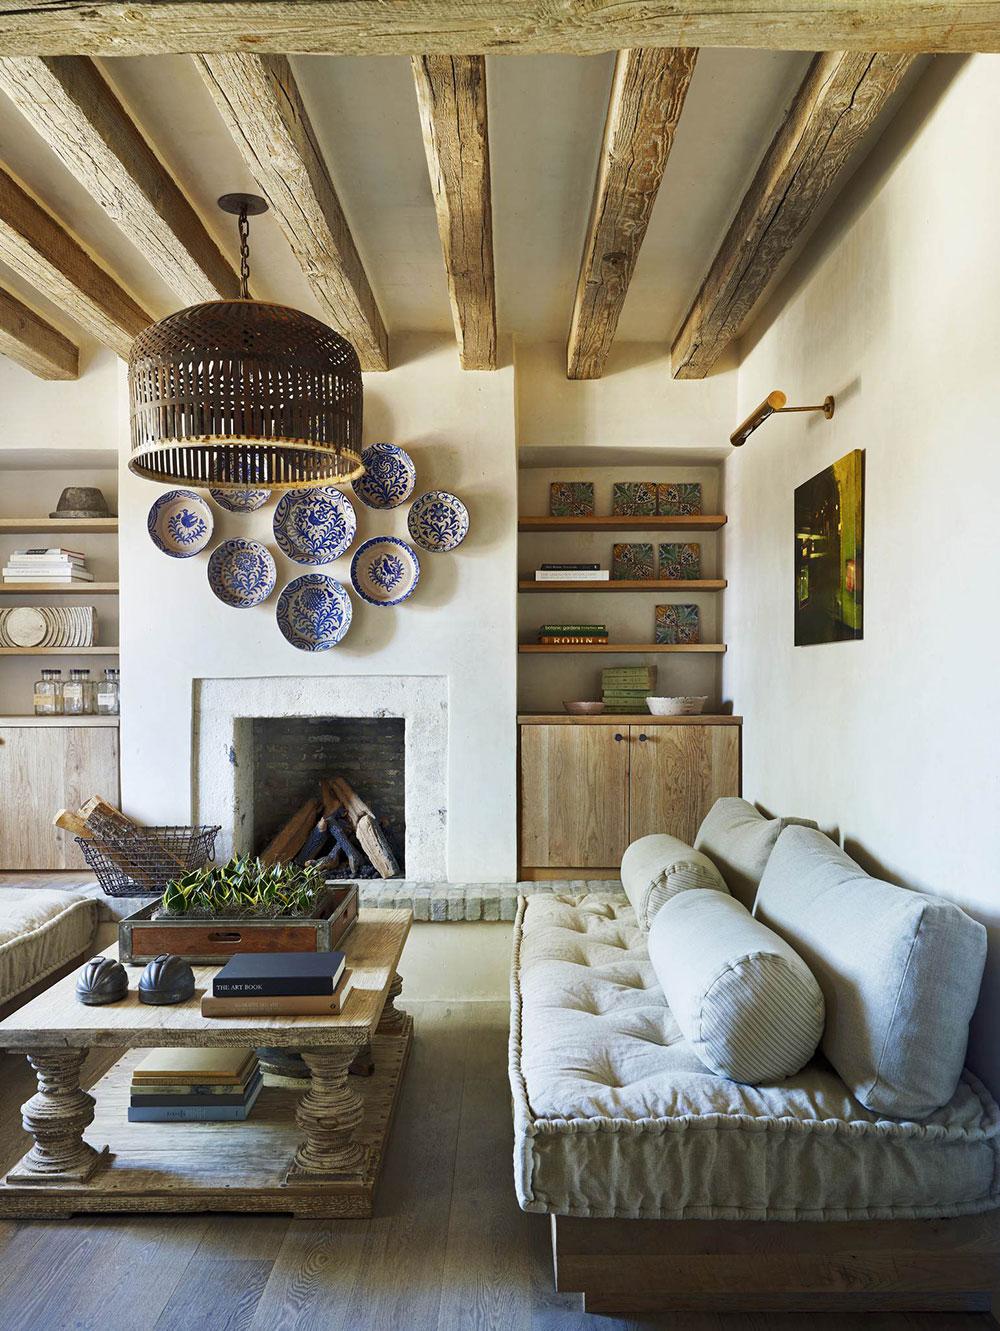 Rustic-Eclectic-Farmhouse-by-David-Michael-Miller-Associates Comment décorer un manteau de cheminée (idées de décoration soignées)